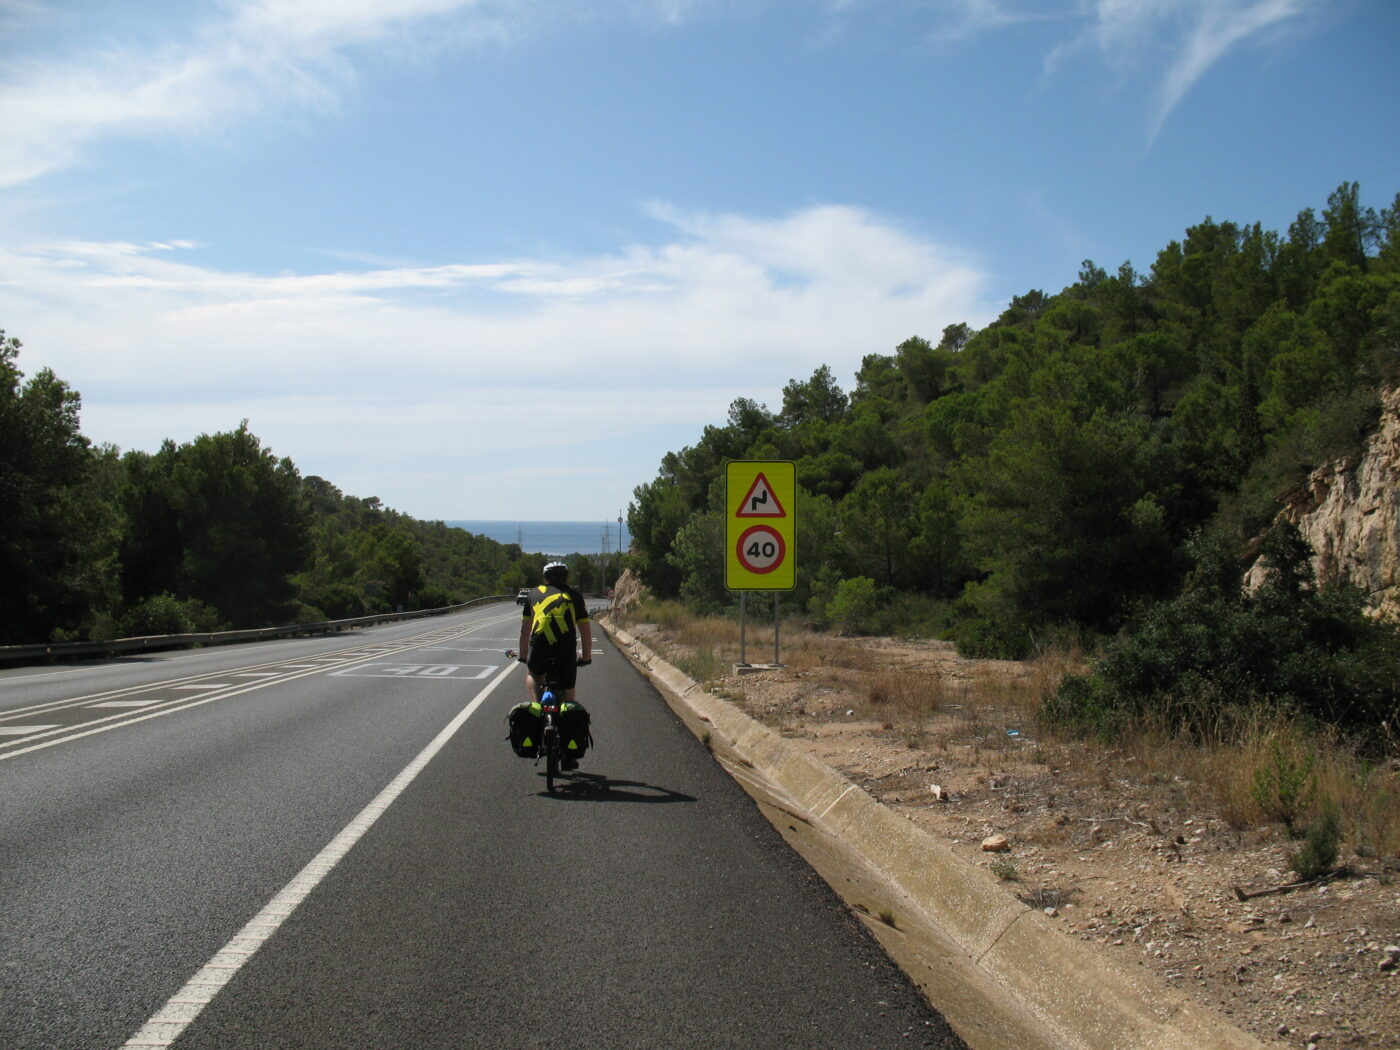 Cykler på en spansk landevej